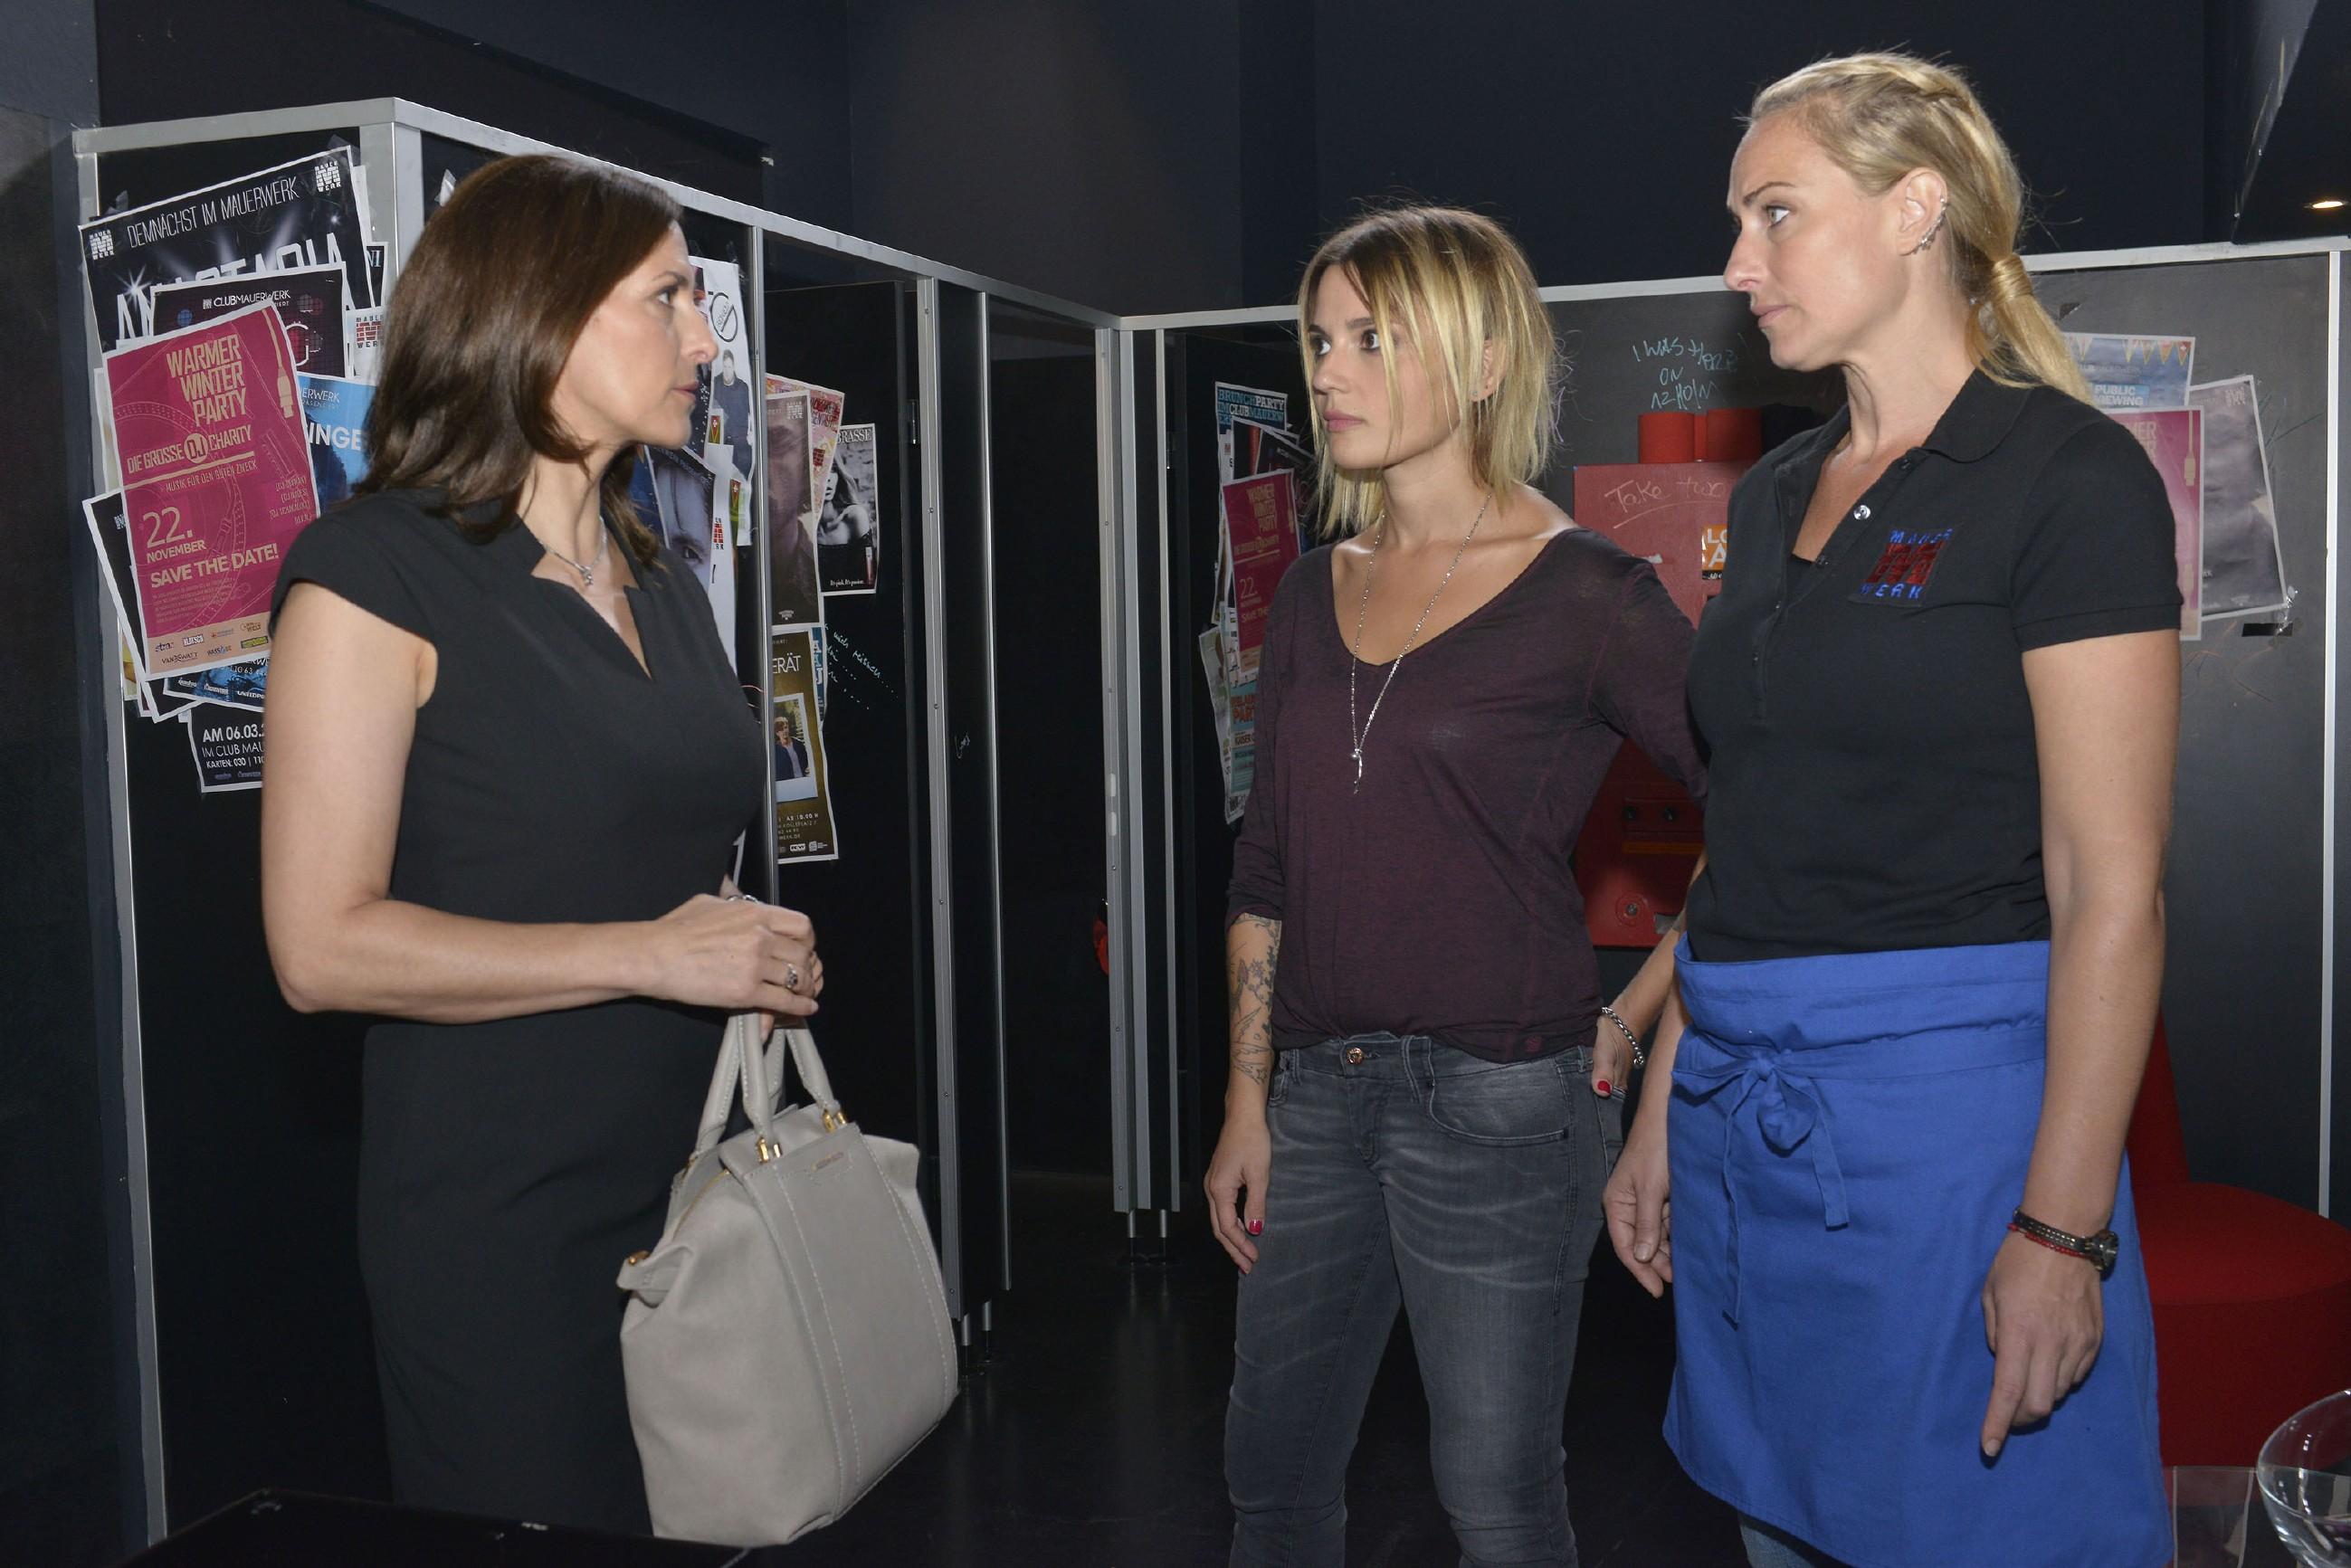 Katrin (Ulrike Frank, l.) erfährt durch Anni (Linda Marlen Runge, M.) und Maren (Eva Mona Rodekirchen), dass Gerner Katrin hinterrücks aus KFI drängen möchte. (Quelle: RTL / Rolf Baumgartner)